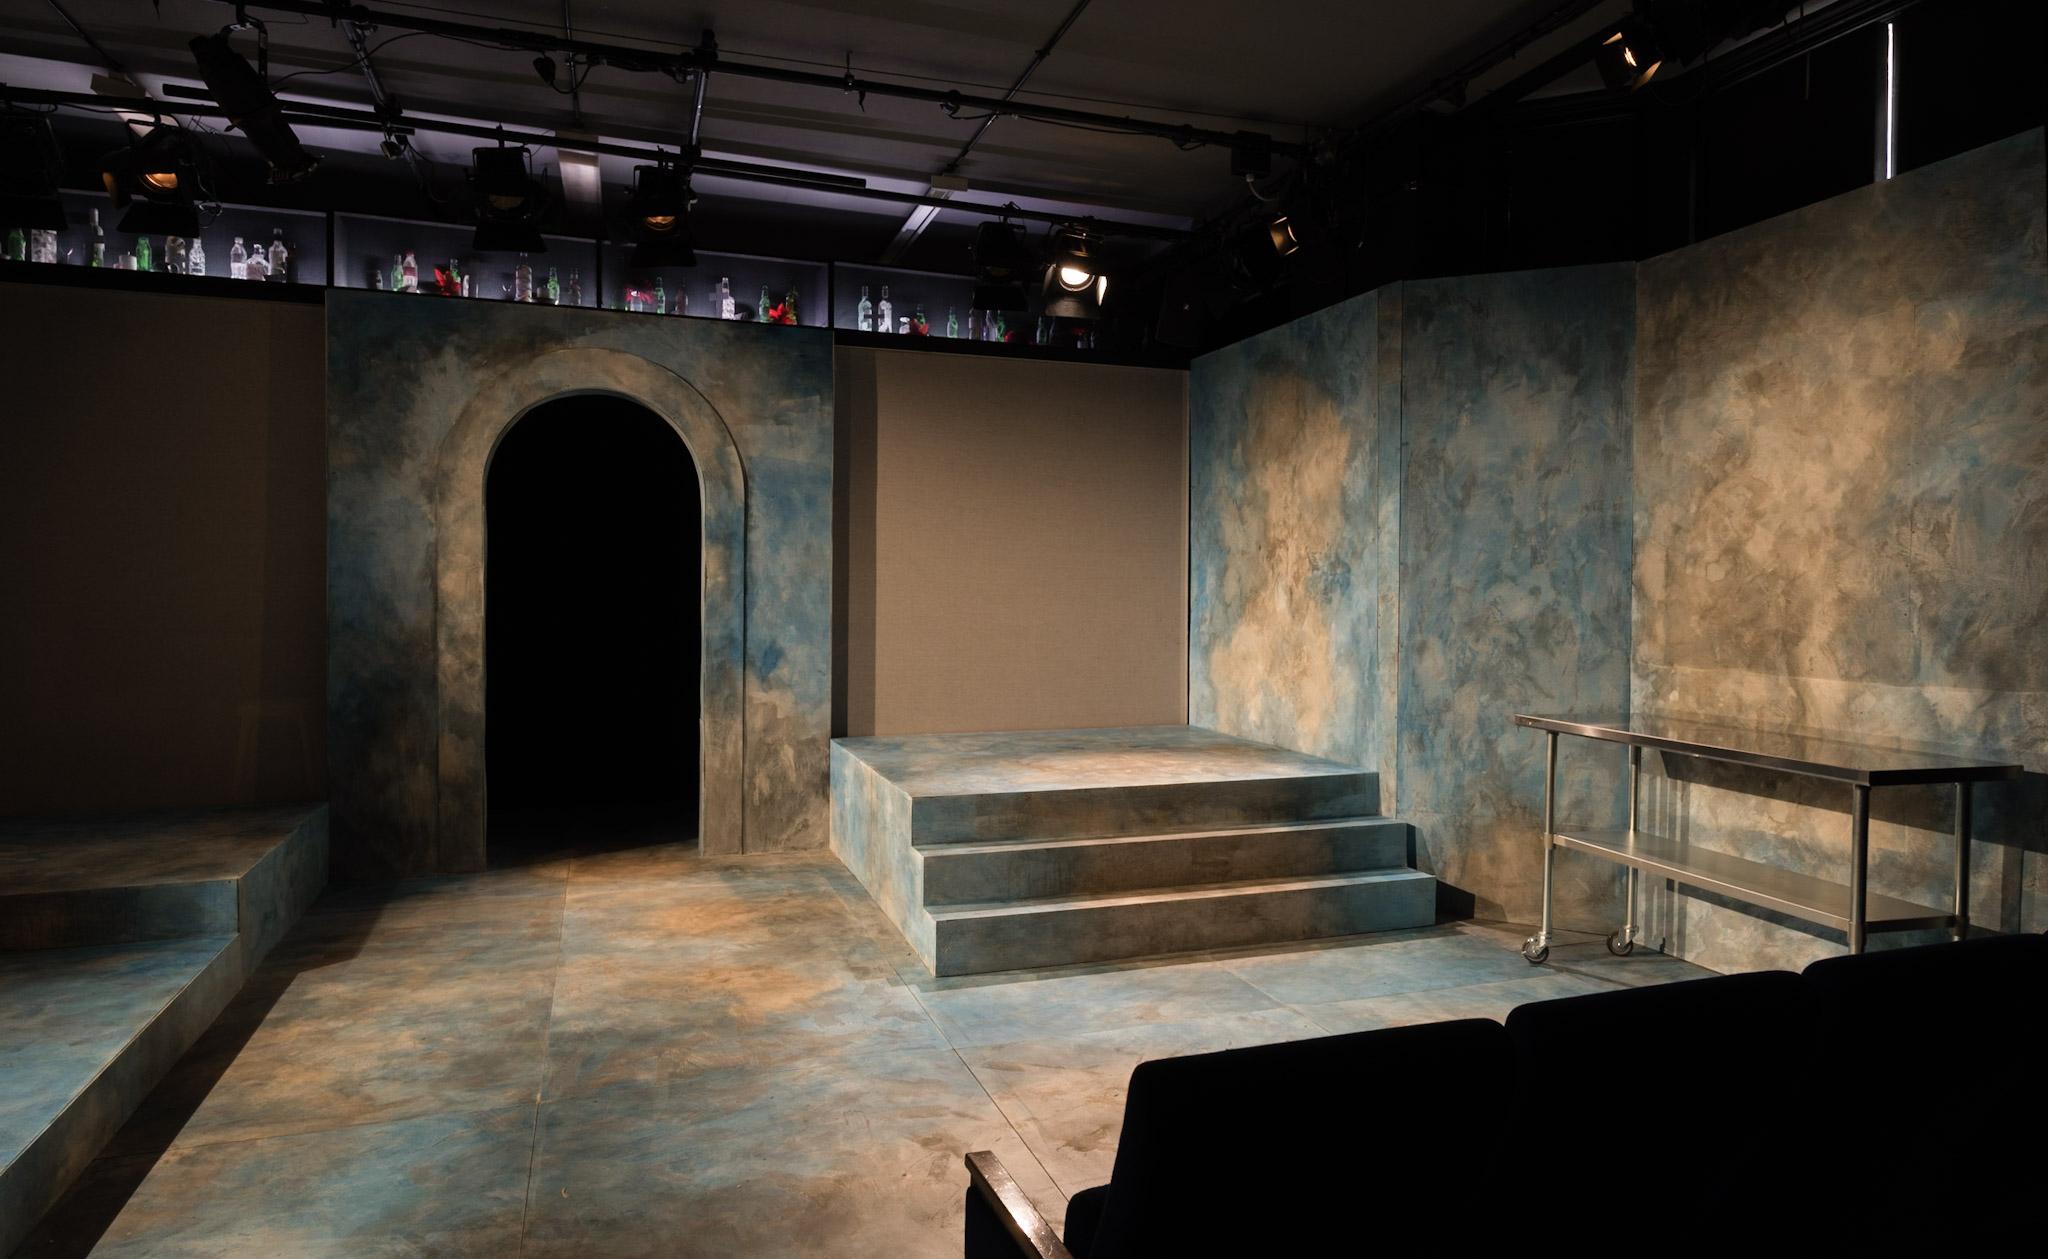 The Healing, Omnibus Theatre